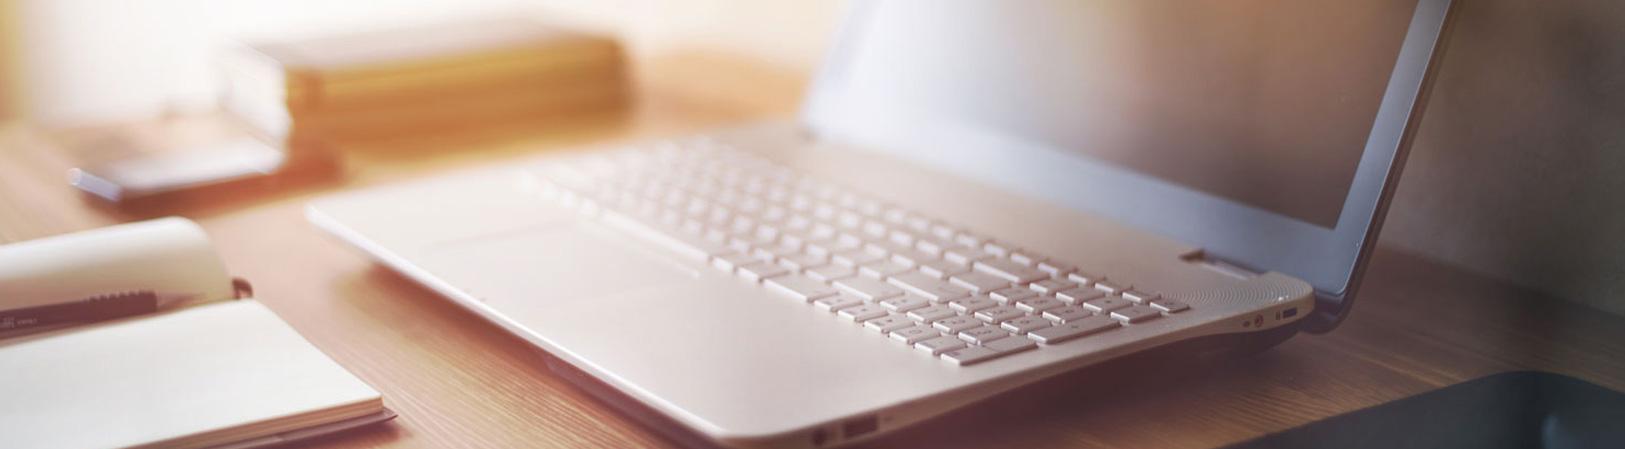 freelancer, website development, website design, mobile apps, hosting